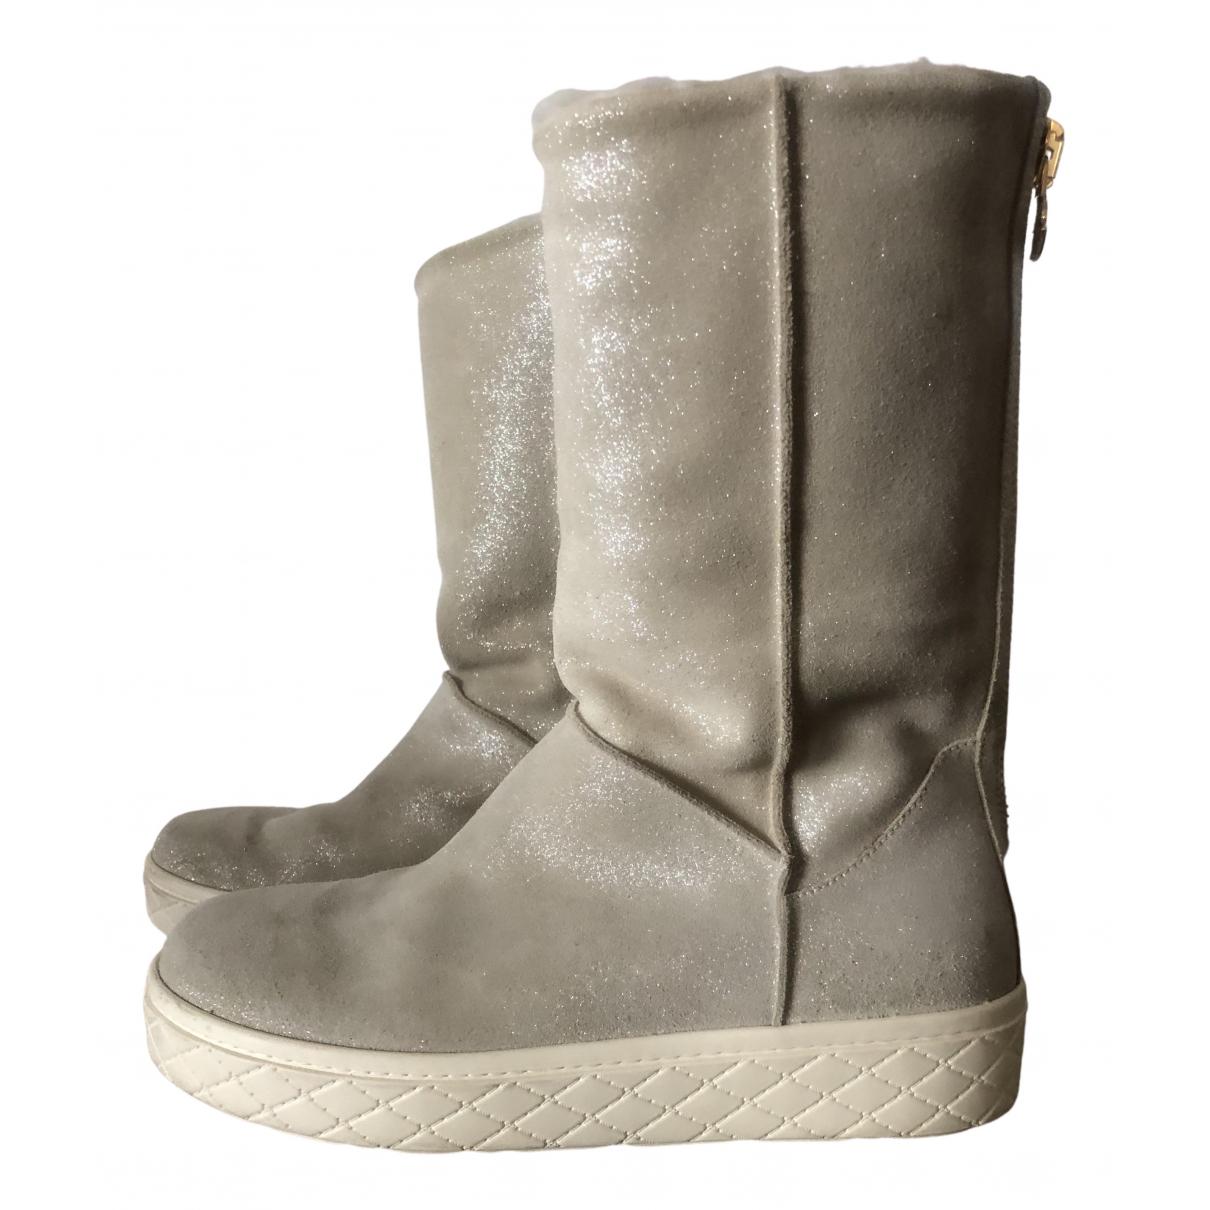 Moncler \N Stiefel in  Grau Veloursleder